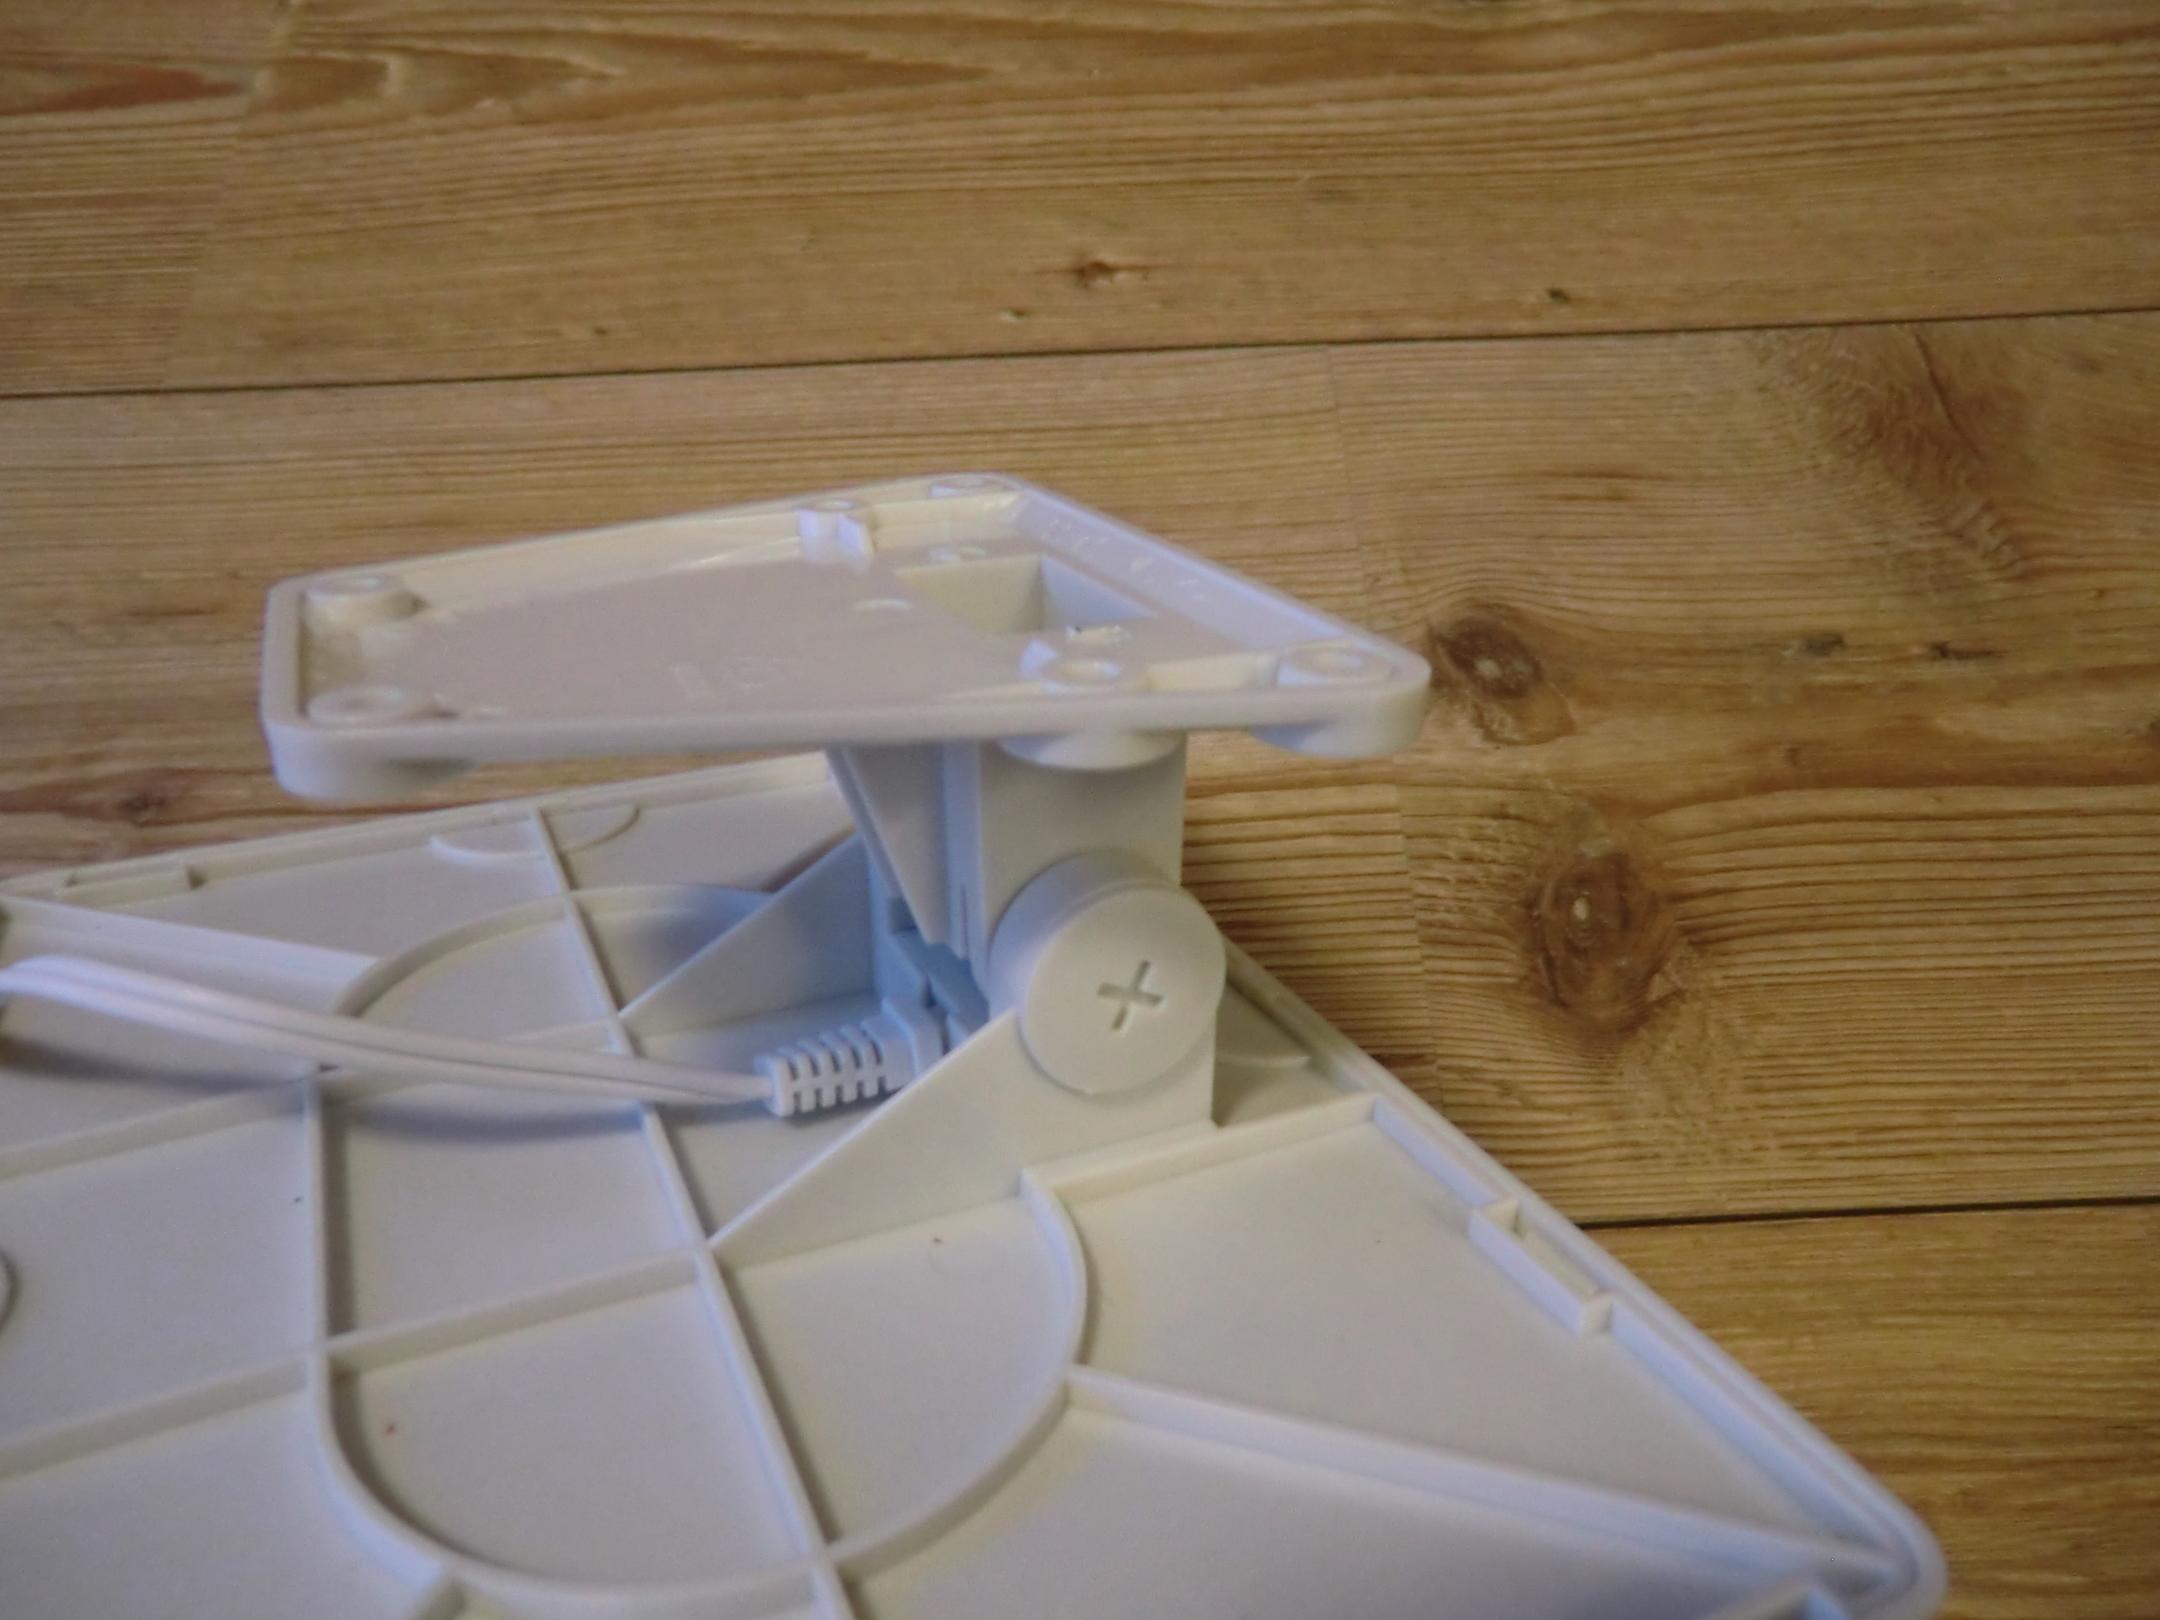 solar-led-strahler-test-brennenstuhl-sol80-plus-solarmodul-installation Wunderbar Brennenstuhl solar Led Strahler Dekorationen